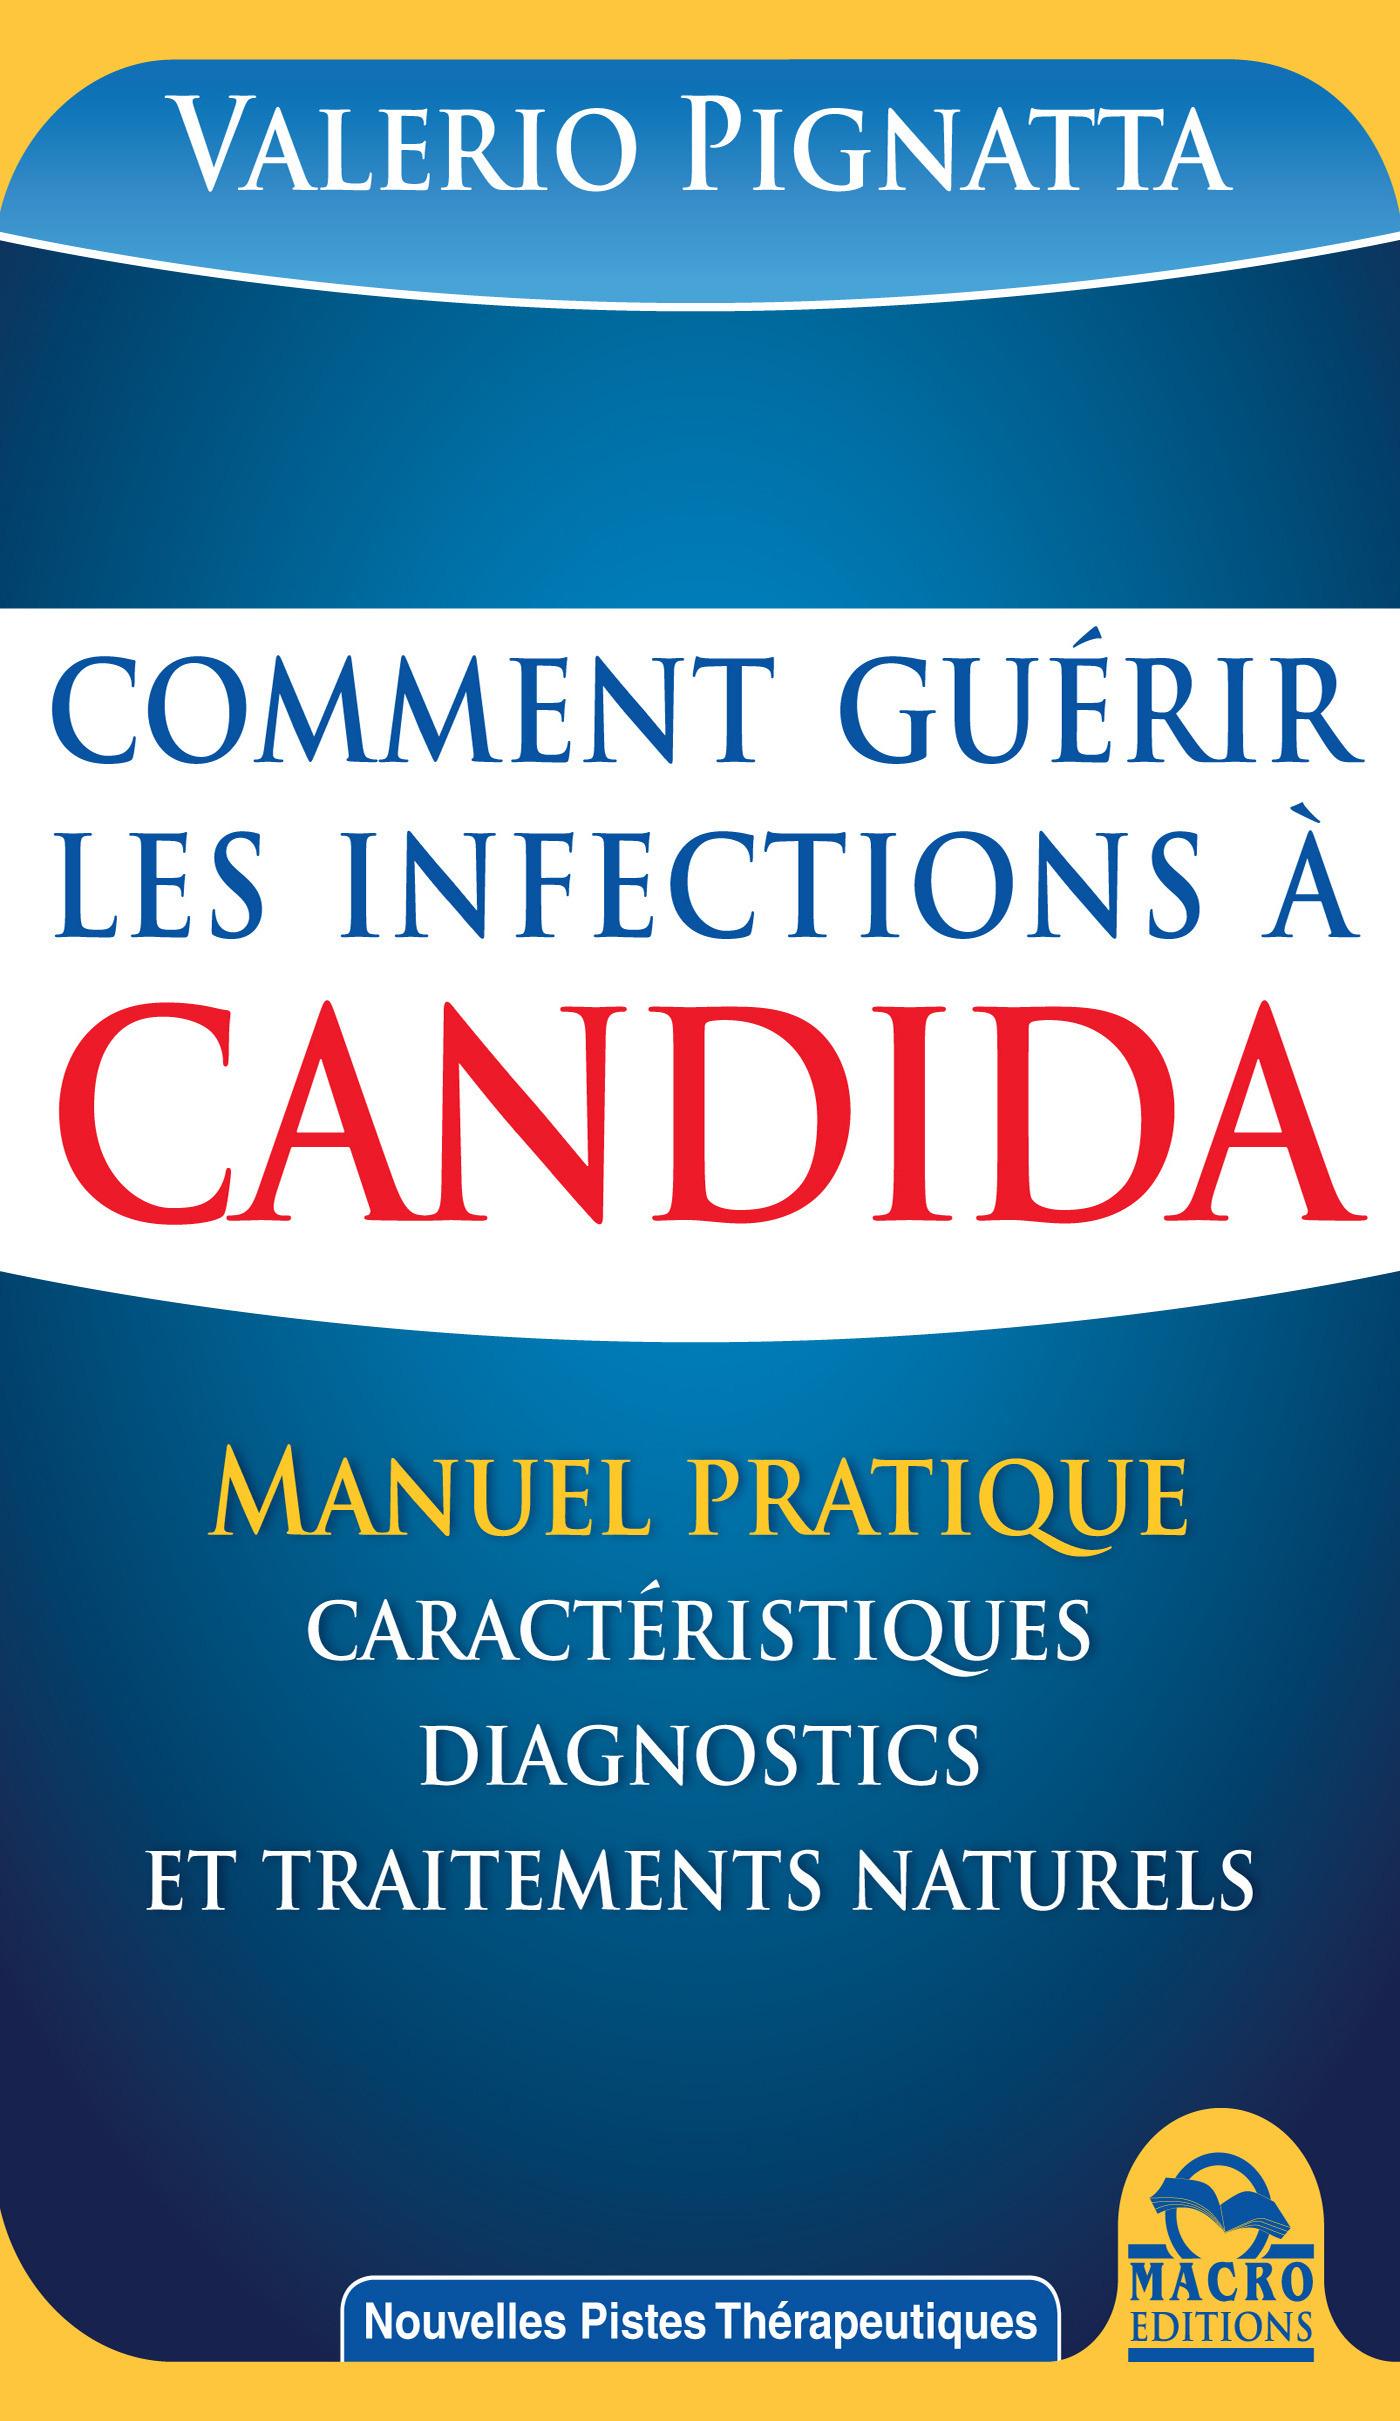 Valerio Pignatta Comment guérir les infections à Candida